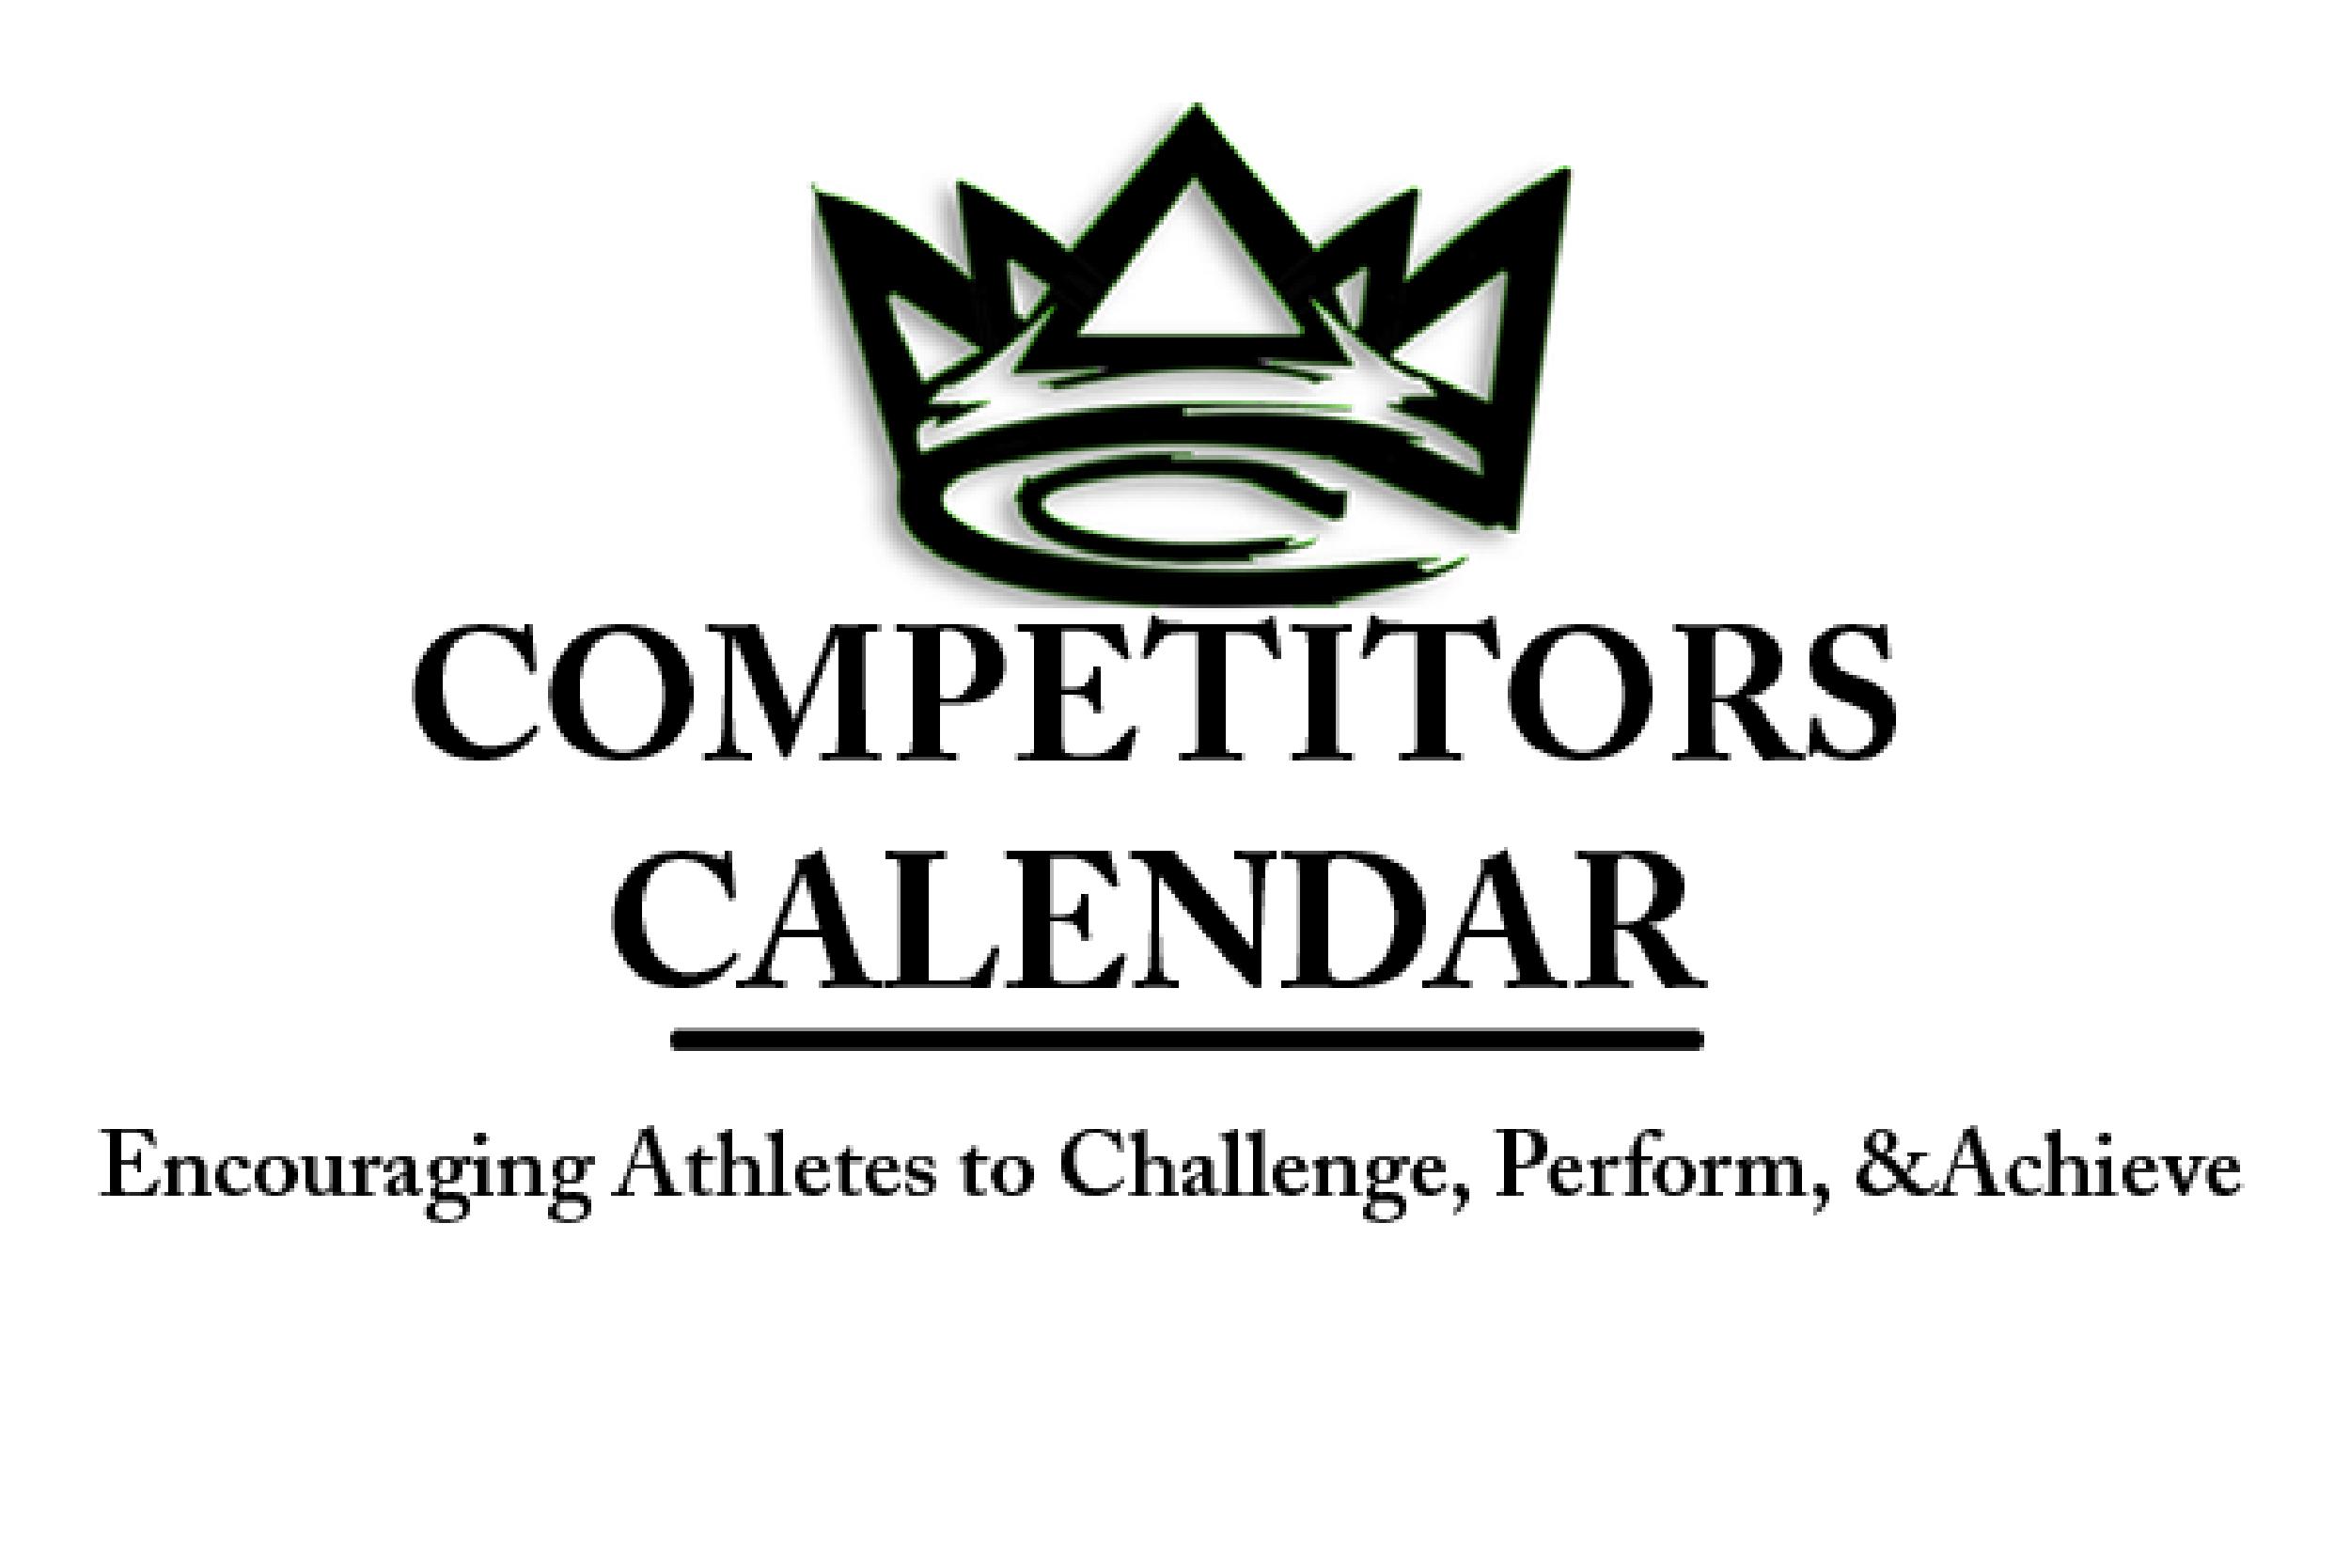 Competitors Calendar